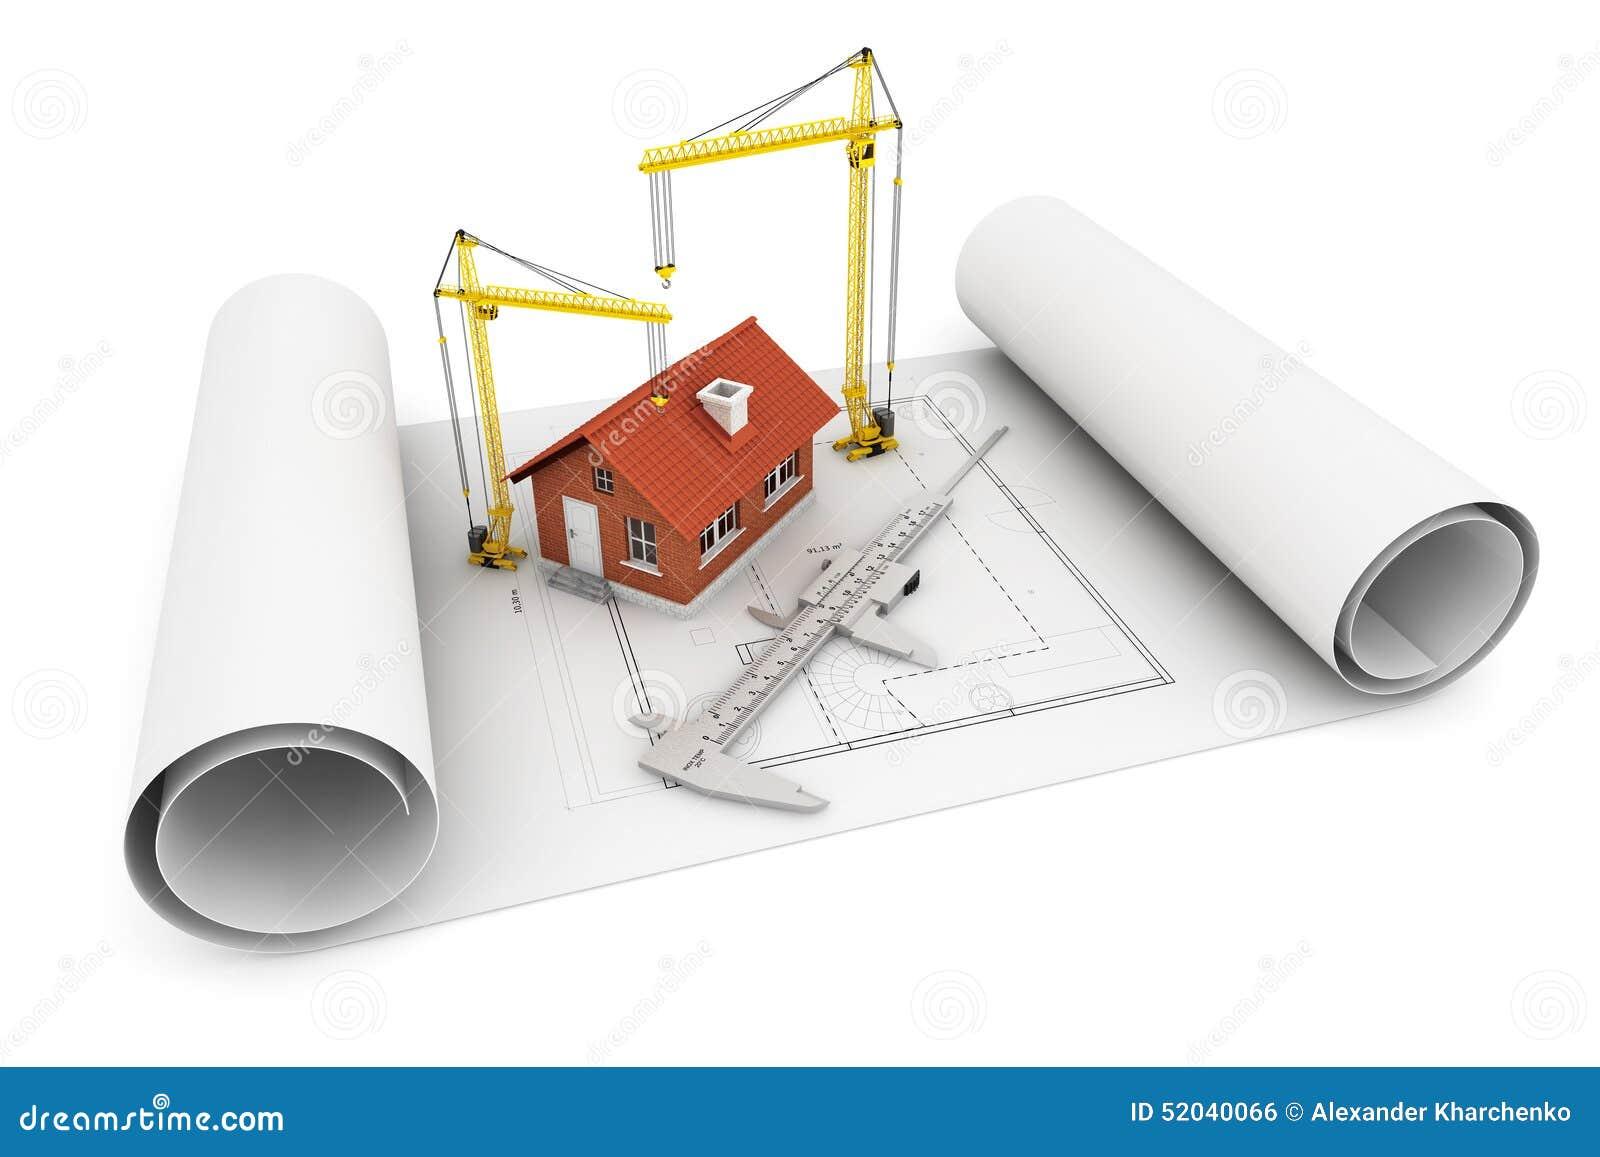 Maison 3d avec le calibre et la grue de levage au dessus for Architecte 3d avec crack